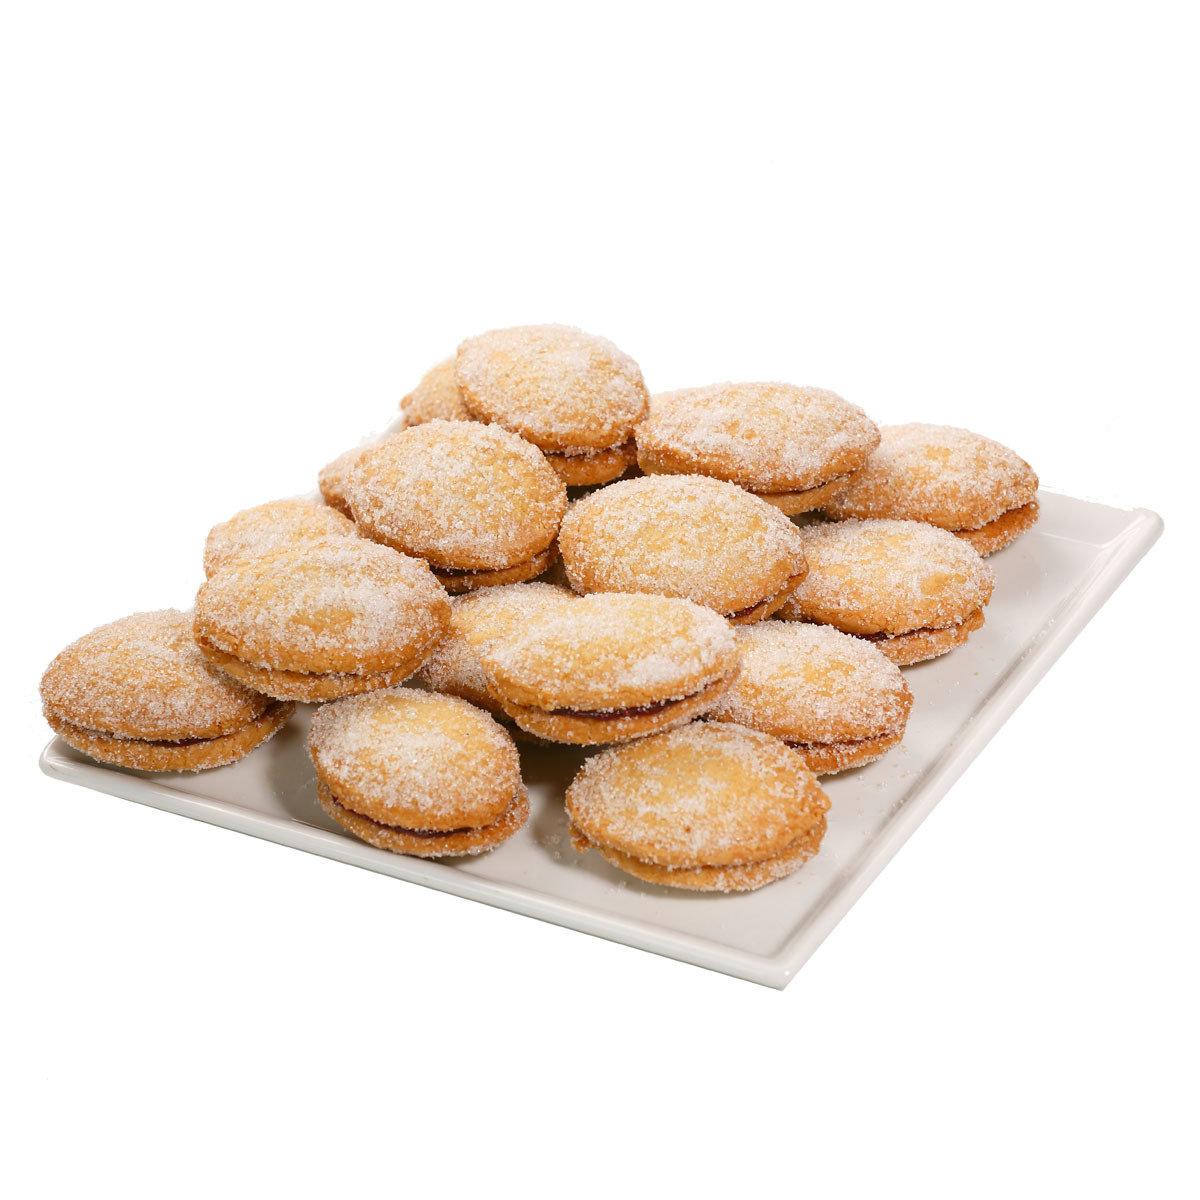 Lusikkaleivät (1 kg) bakery121